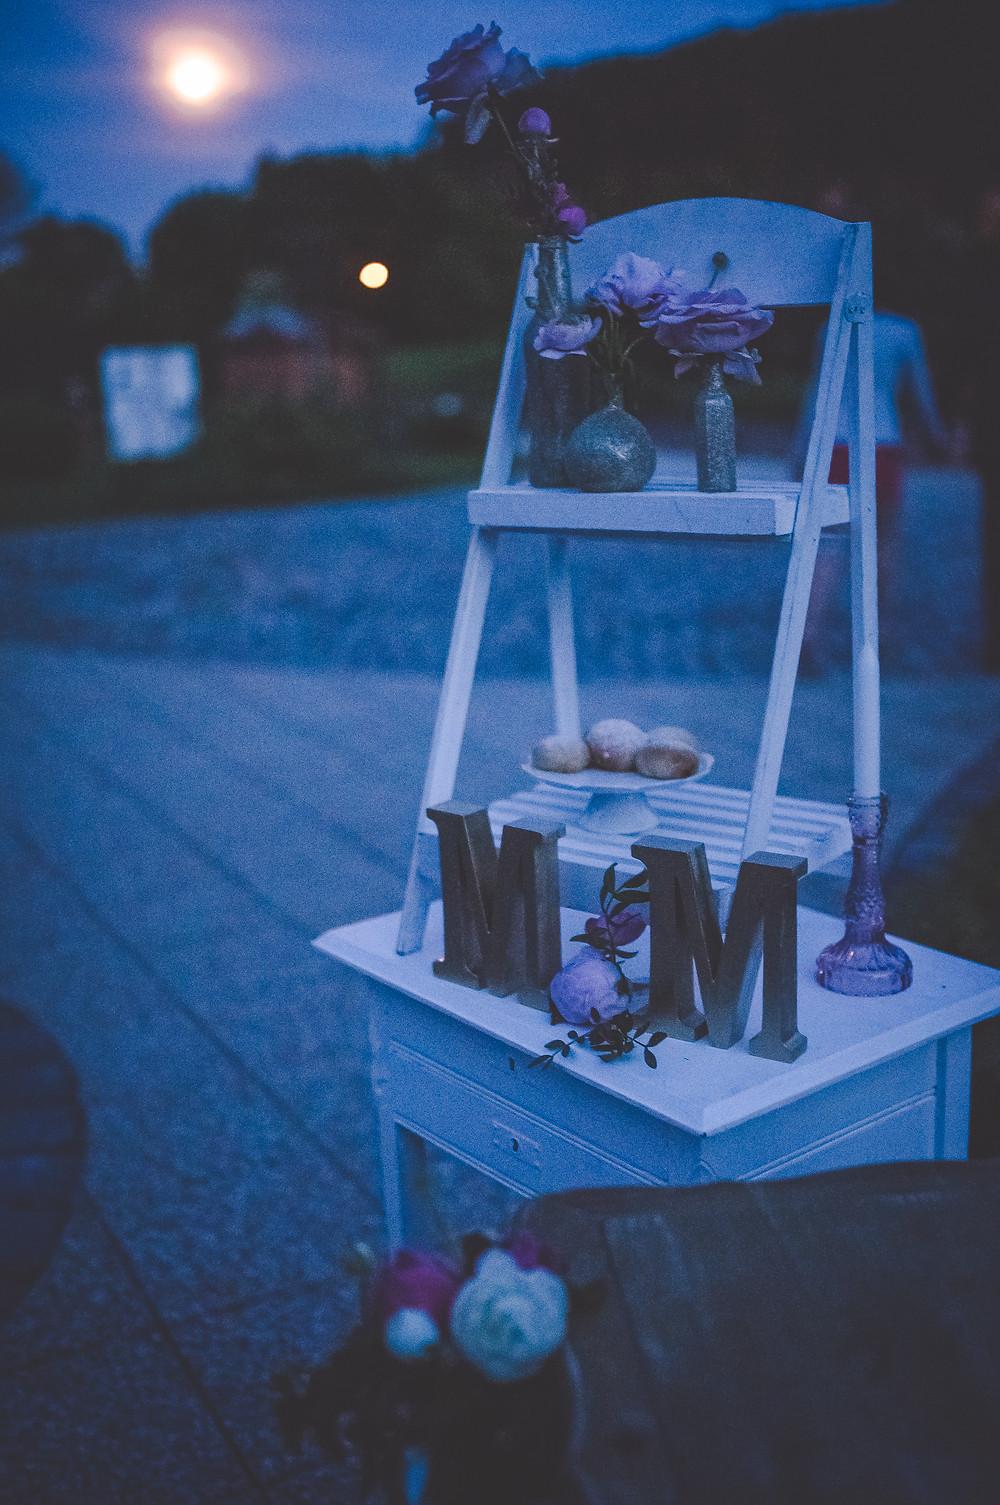 wedding night - full moon